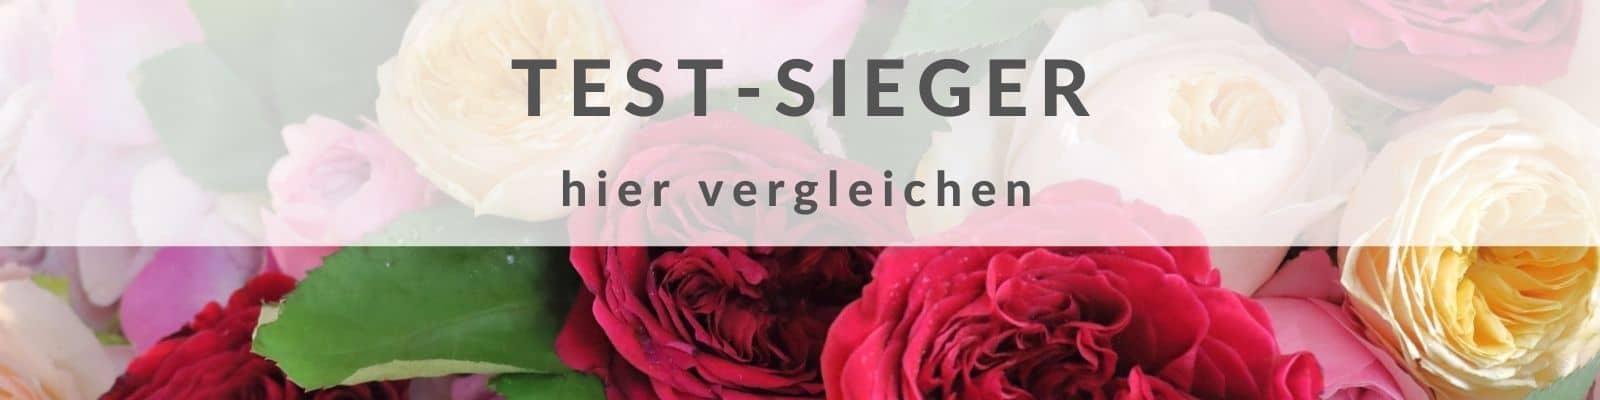 Blumen verschicken TEST - Blumenversand - Blumen Lieferservice online